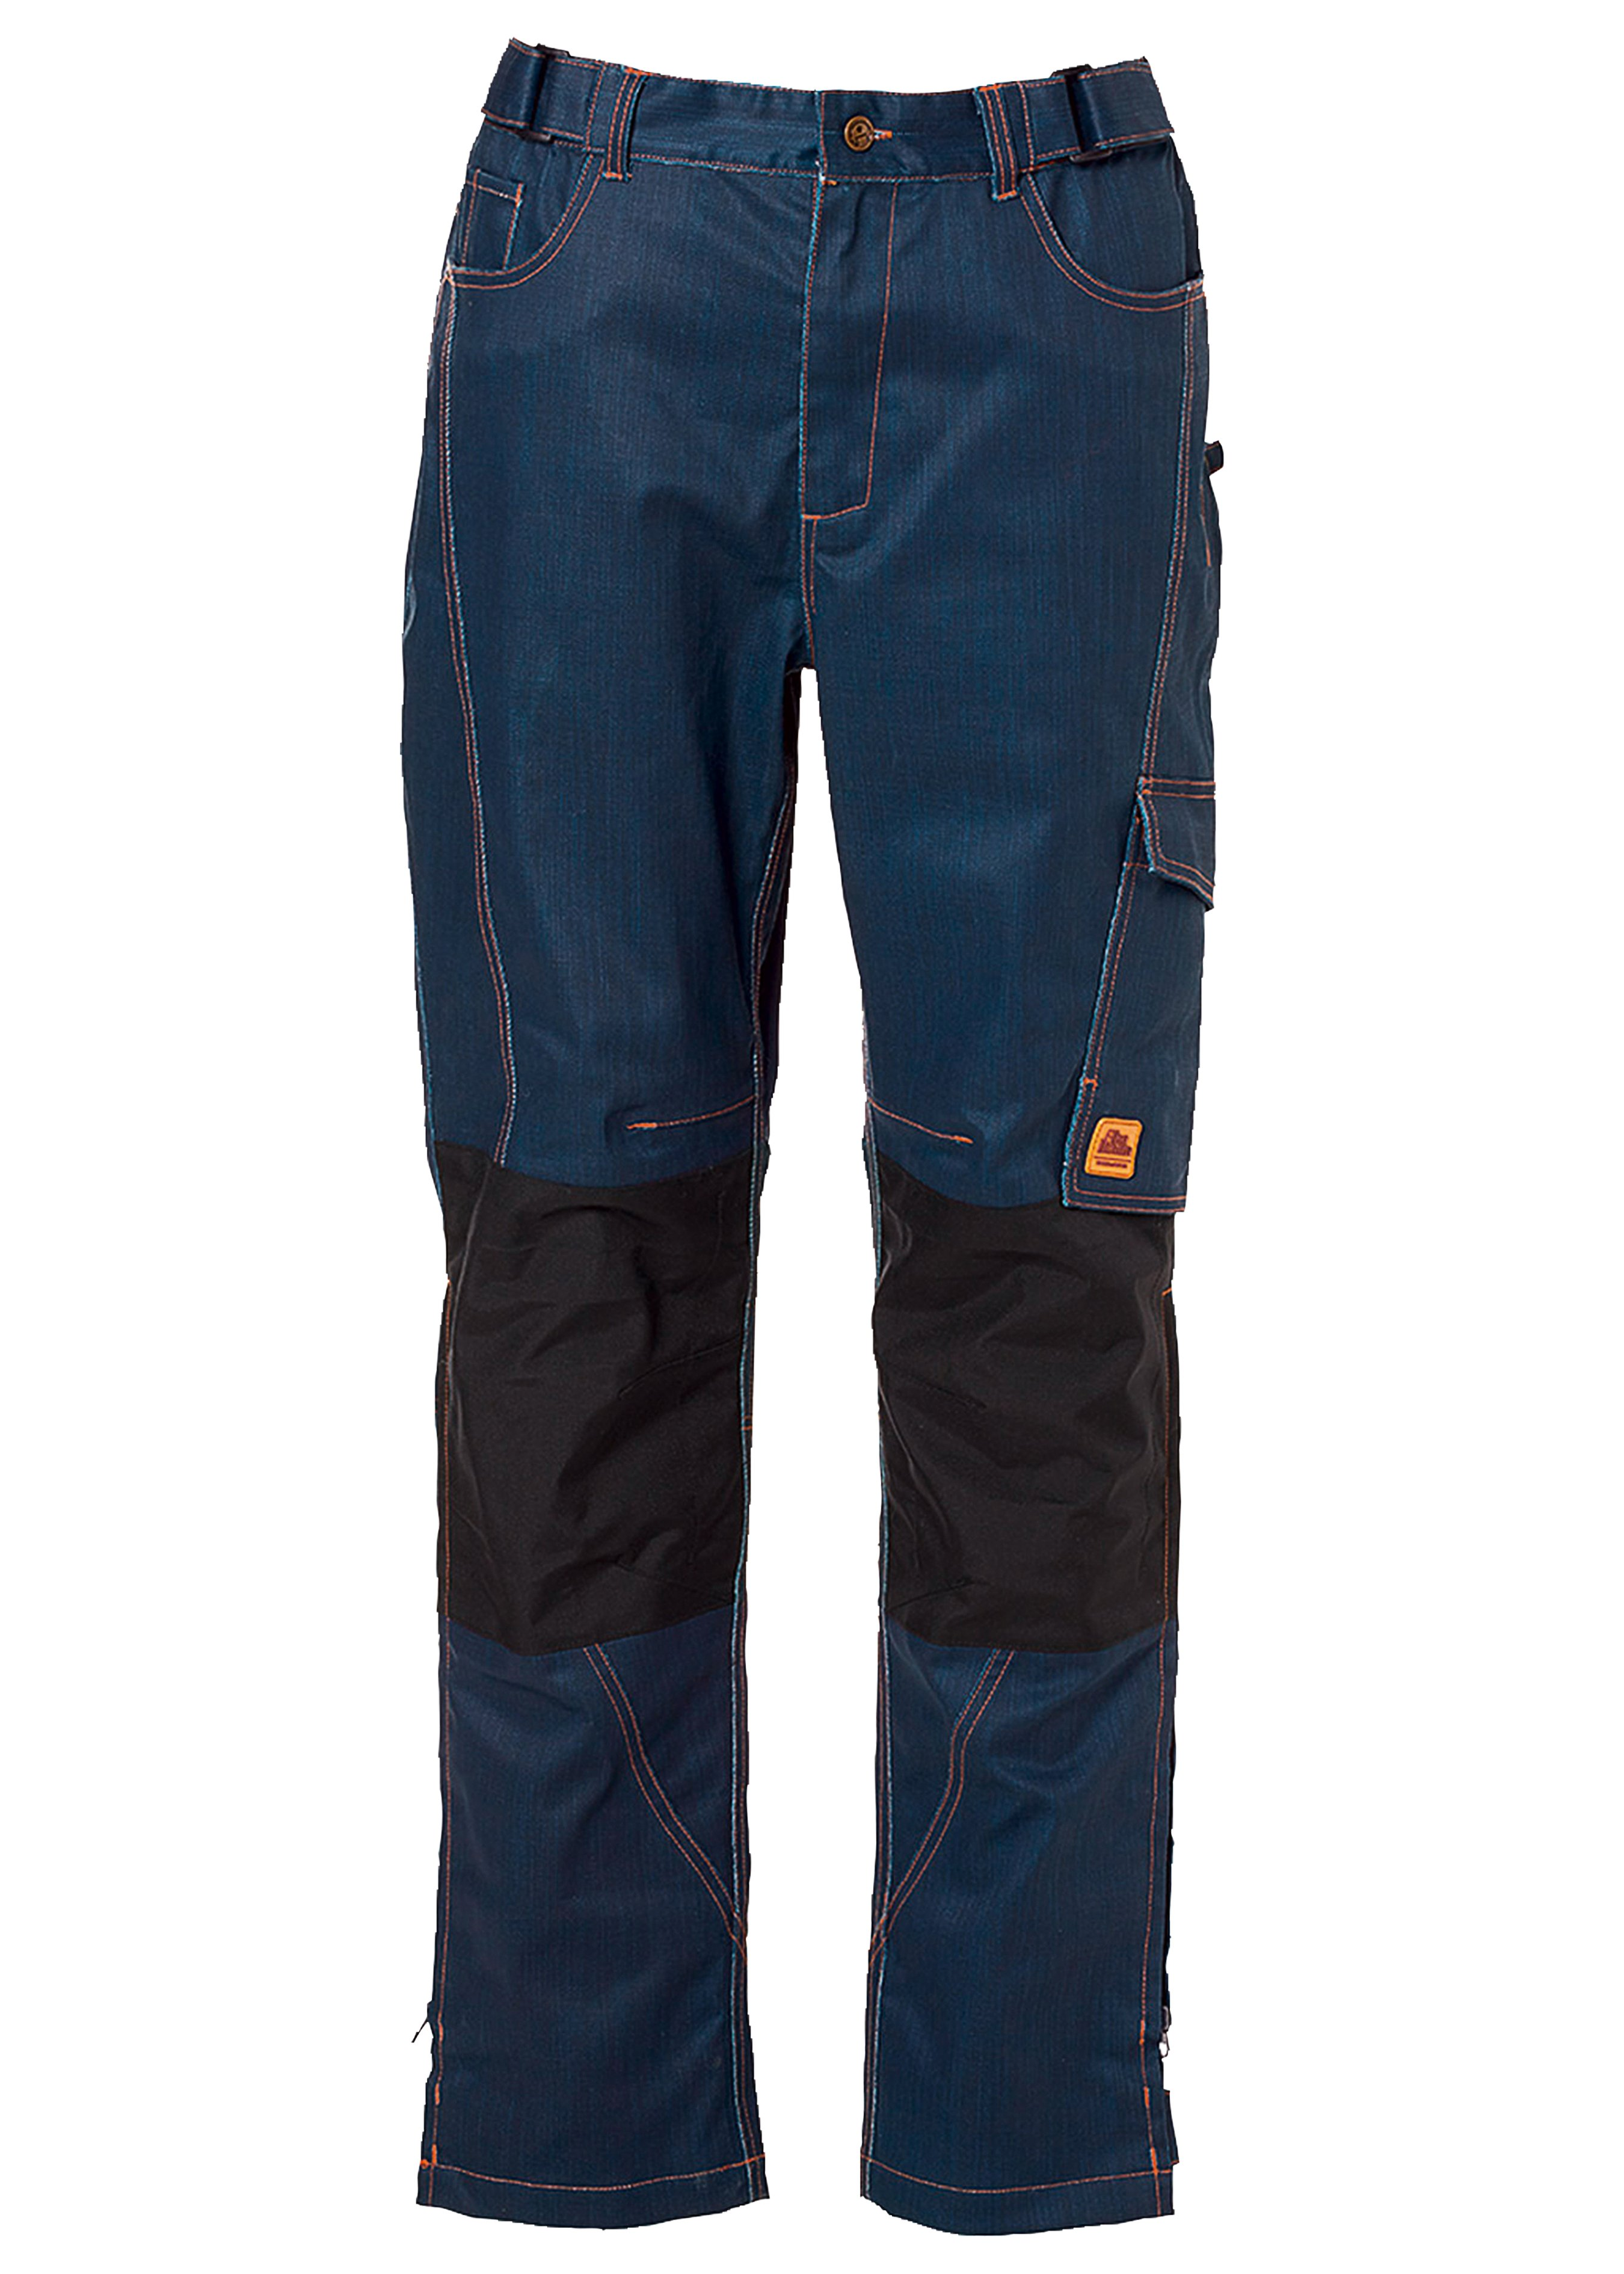 Pantalon multifonction imperméable 220438L 1